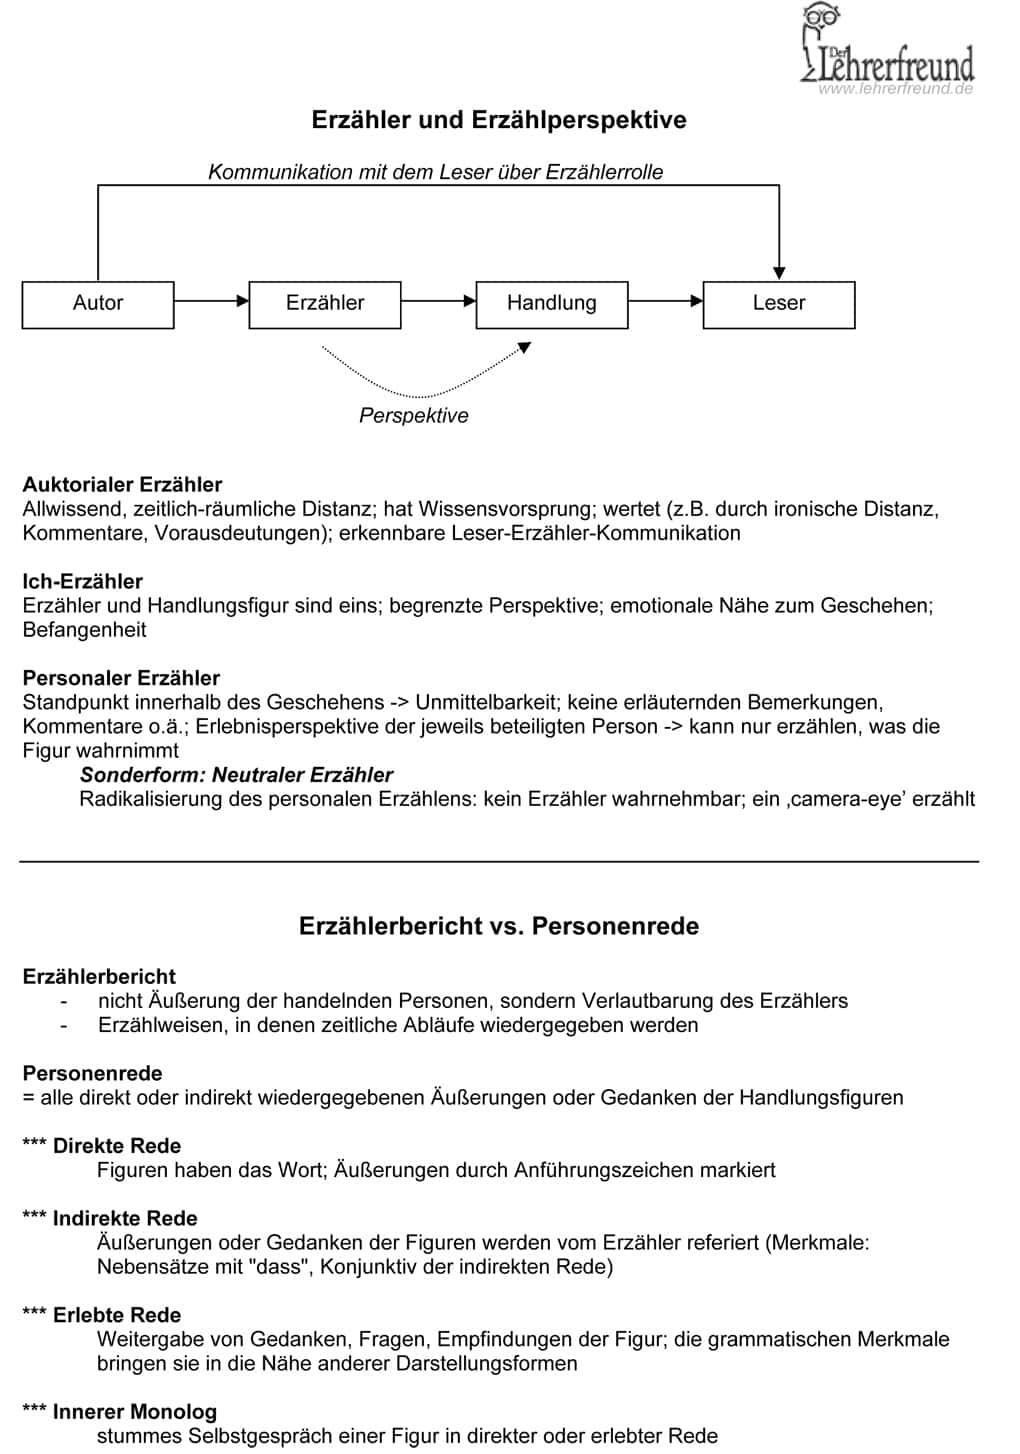 Erzahler Erzahlperspektive Erzahlerbericht Personenrede Arbeitsblatt Lehrerfreund